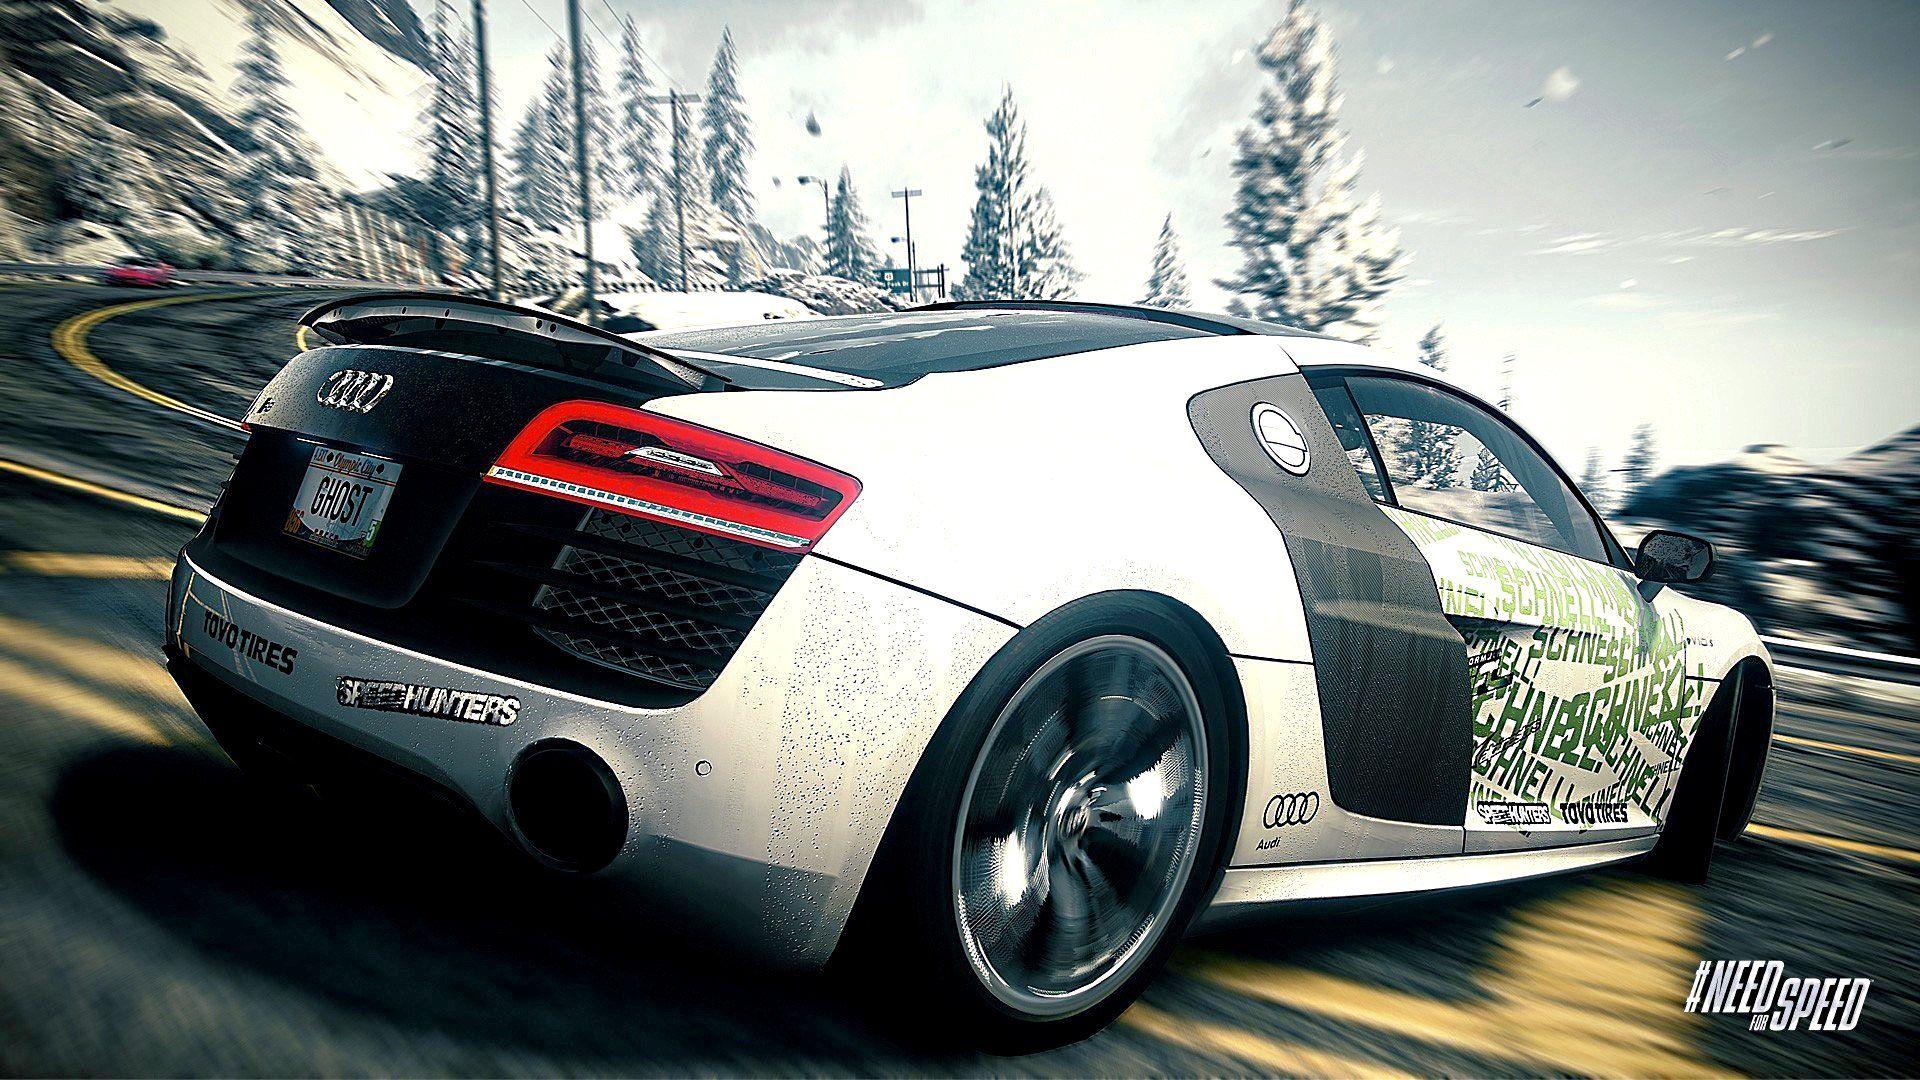 Needforspeedrivals Nfsrivals Needforspeed Ts Videojuegos Www Todosobrevideojuegos Com Need For Speed Rivals Need For Speed Need For Speed Cars